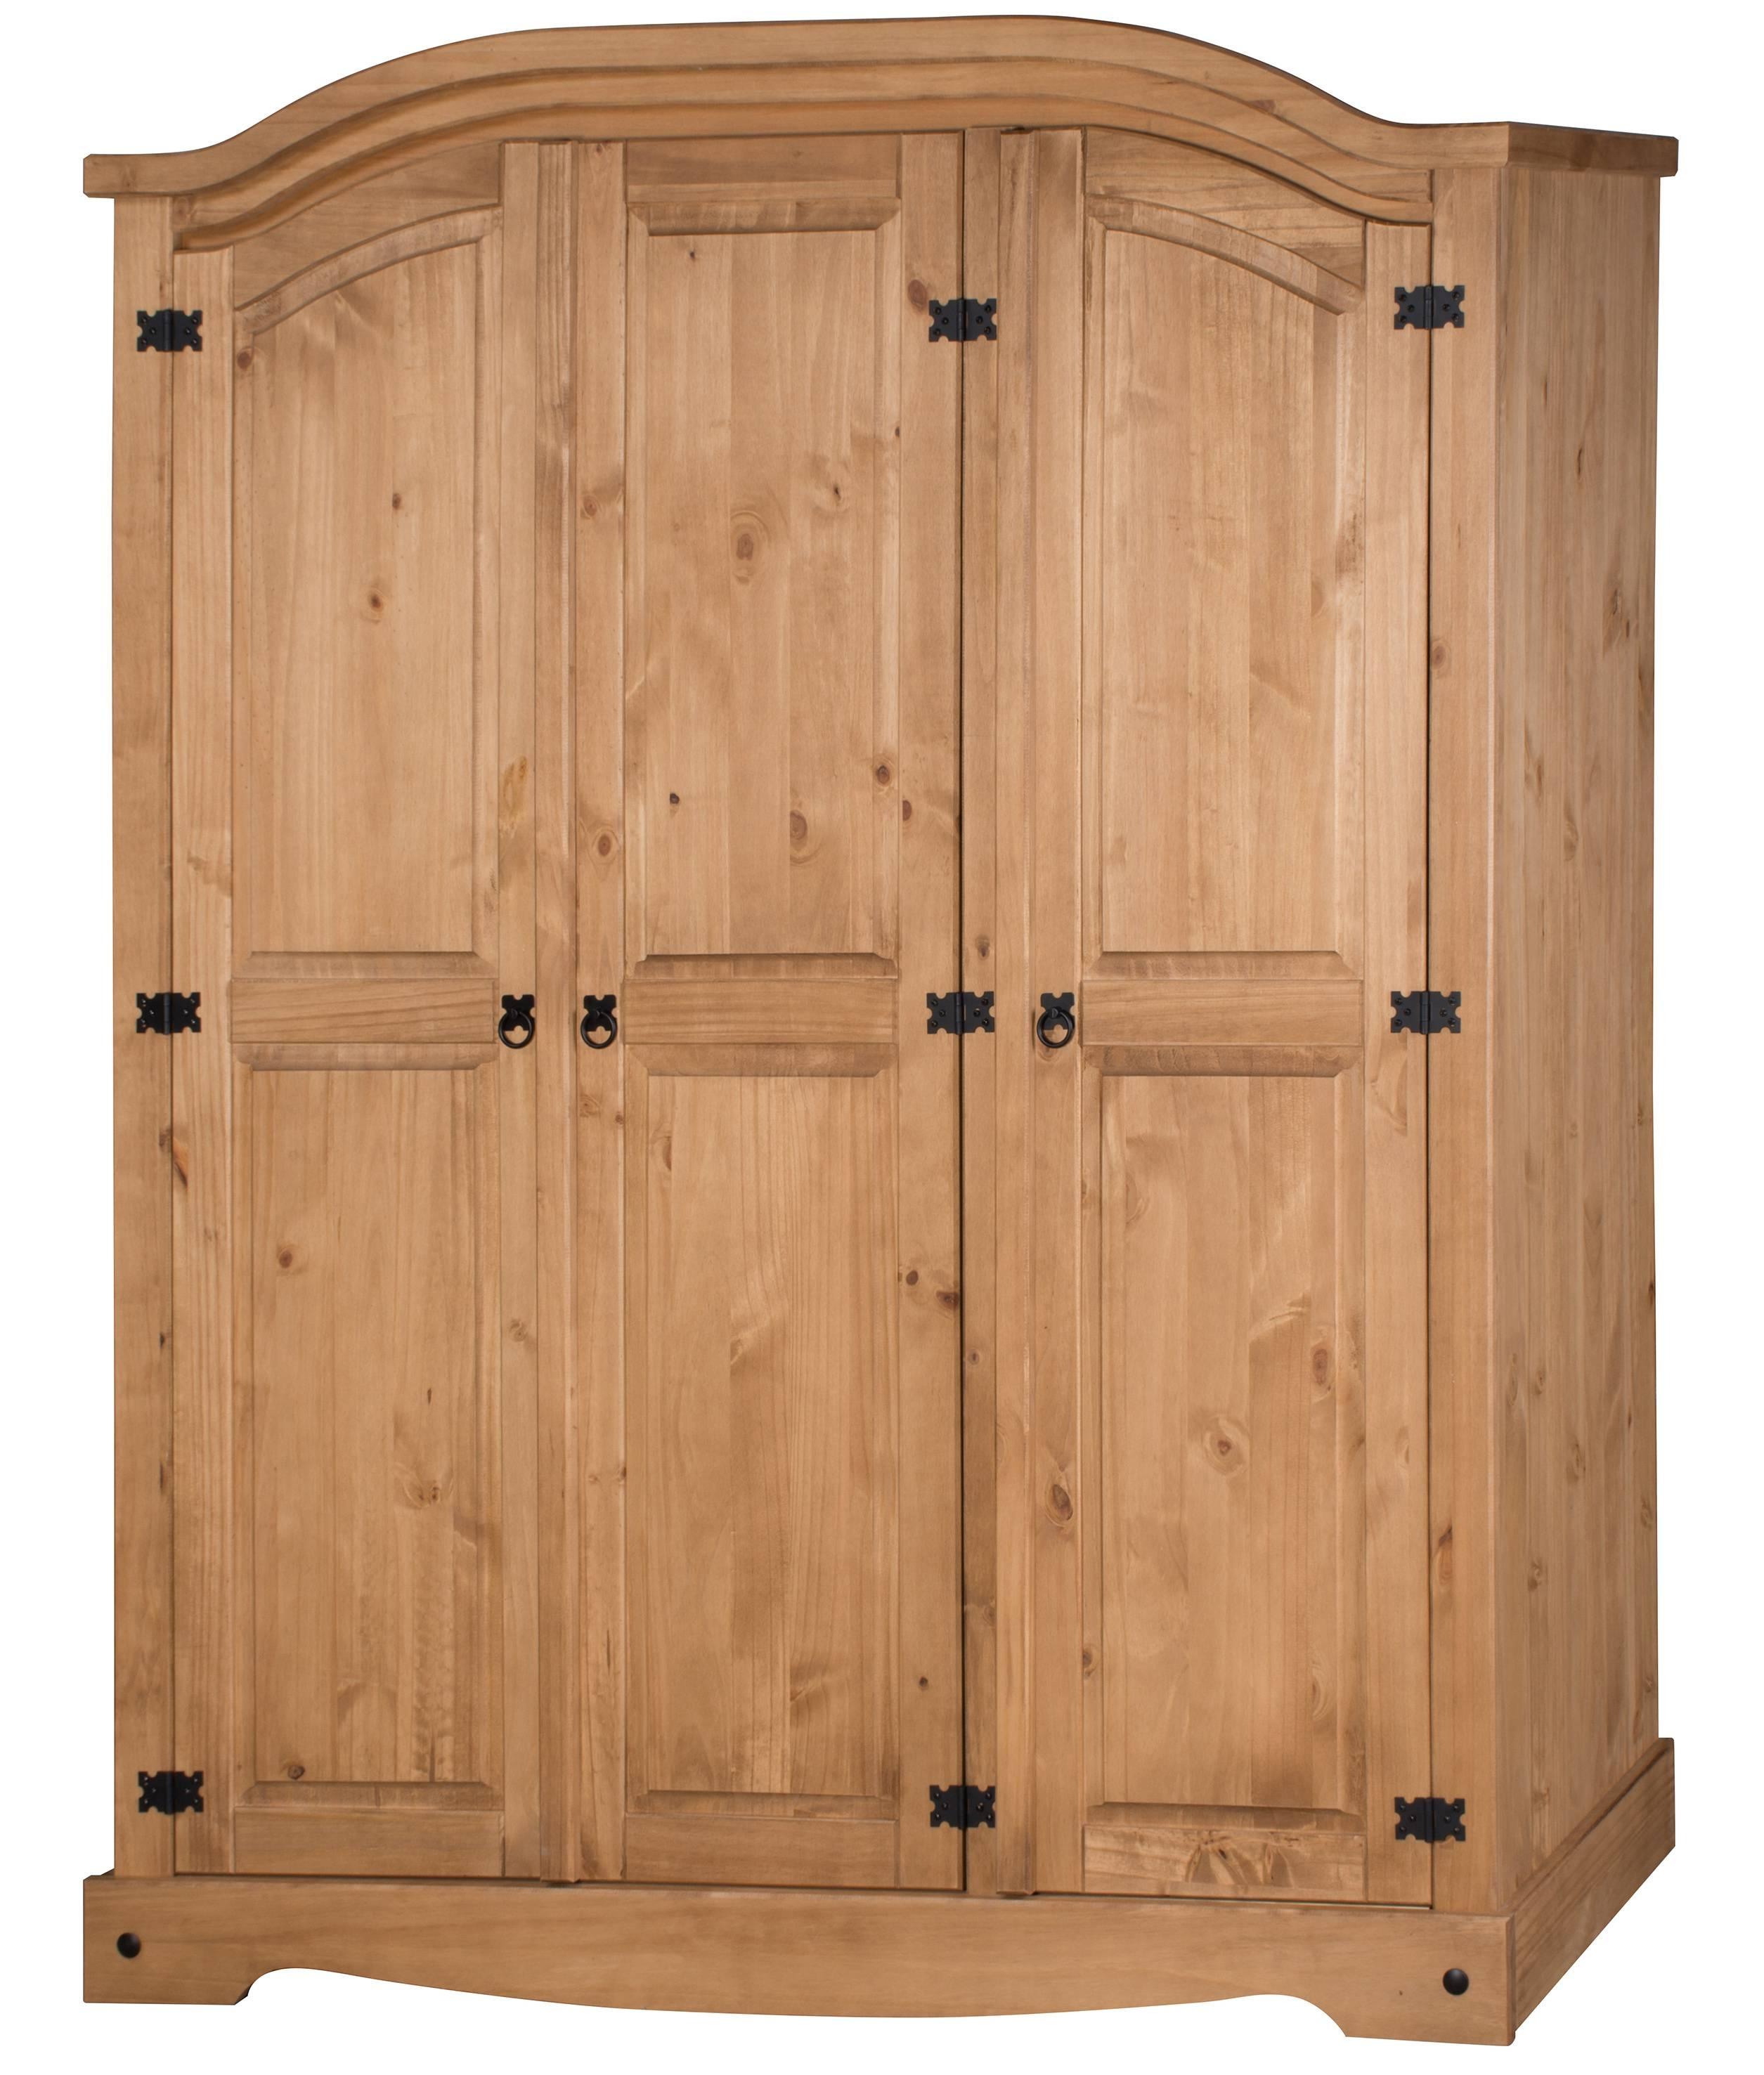 Corona 3 Door Arch Top Wardrobe With Regard To Corona Wardrobes With 3 Doors (View 5 of 15)